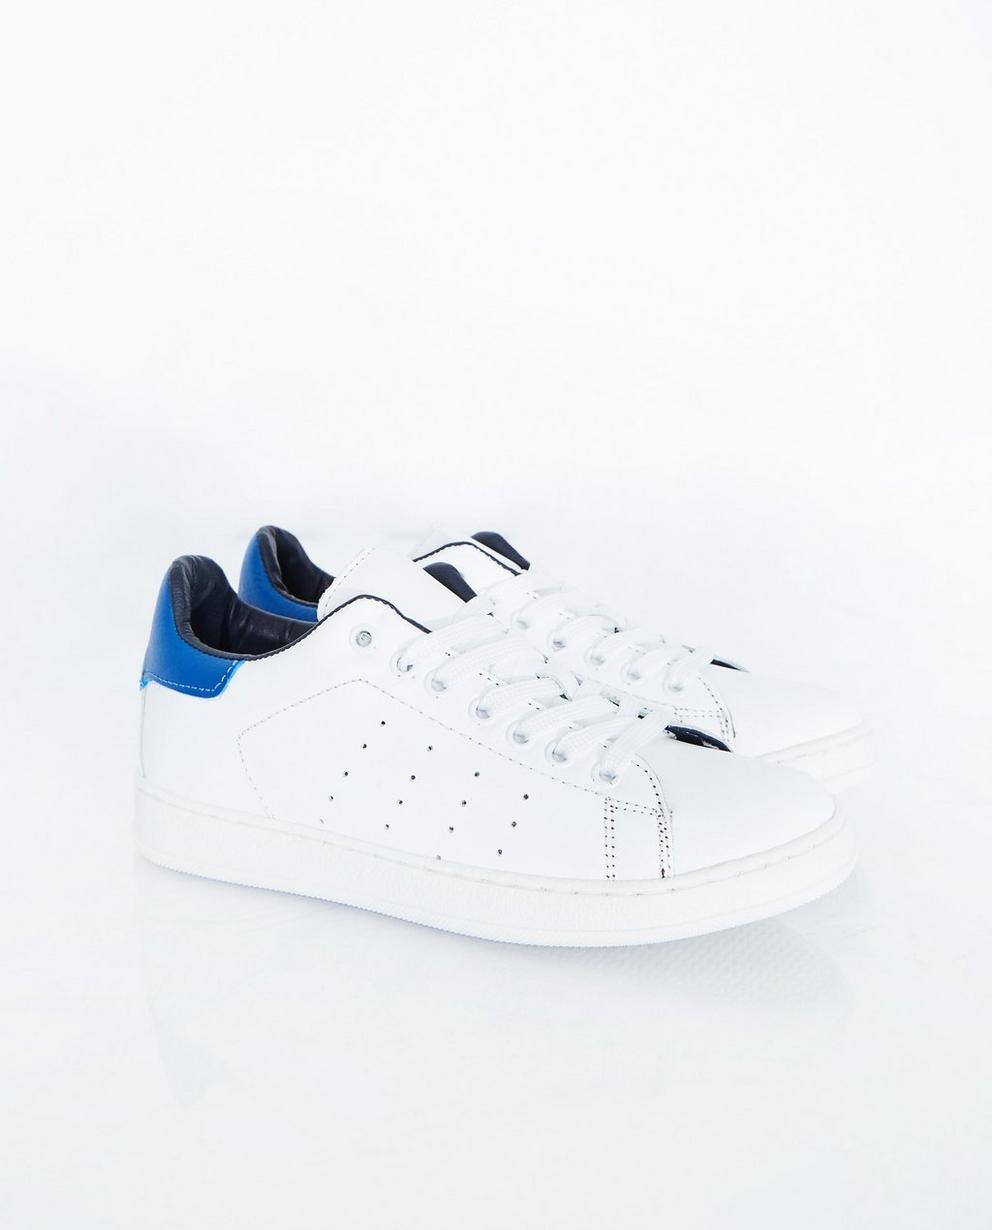 Weiße Sneakers - mit blauem Zierelement - JBC